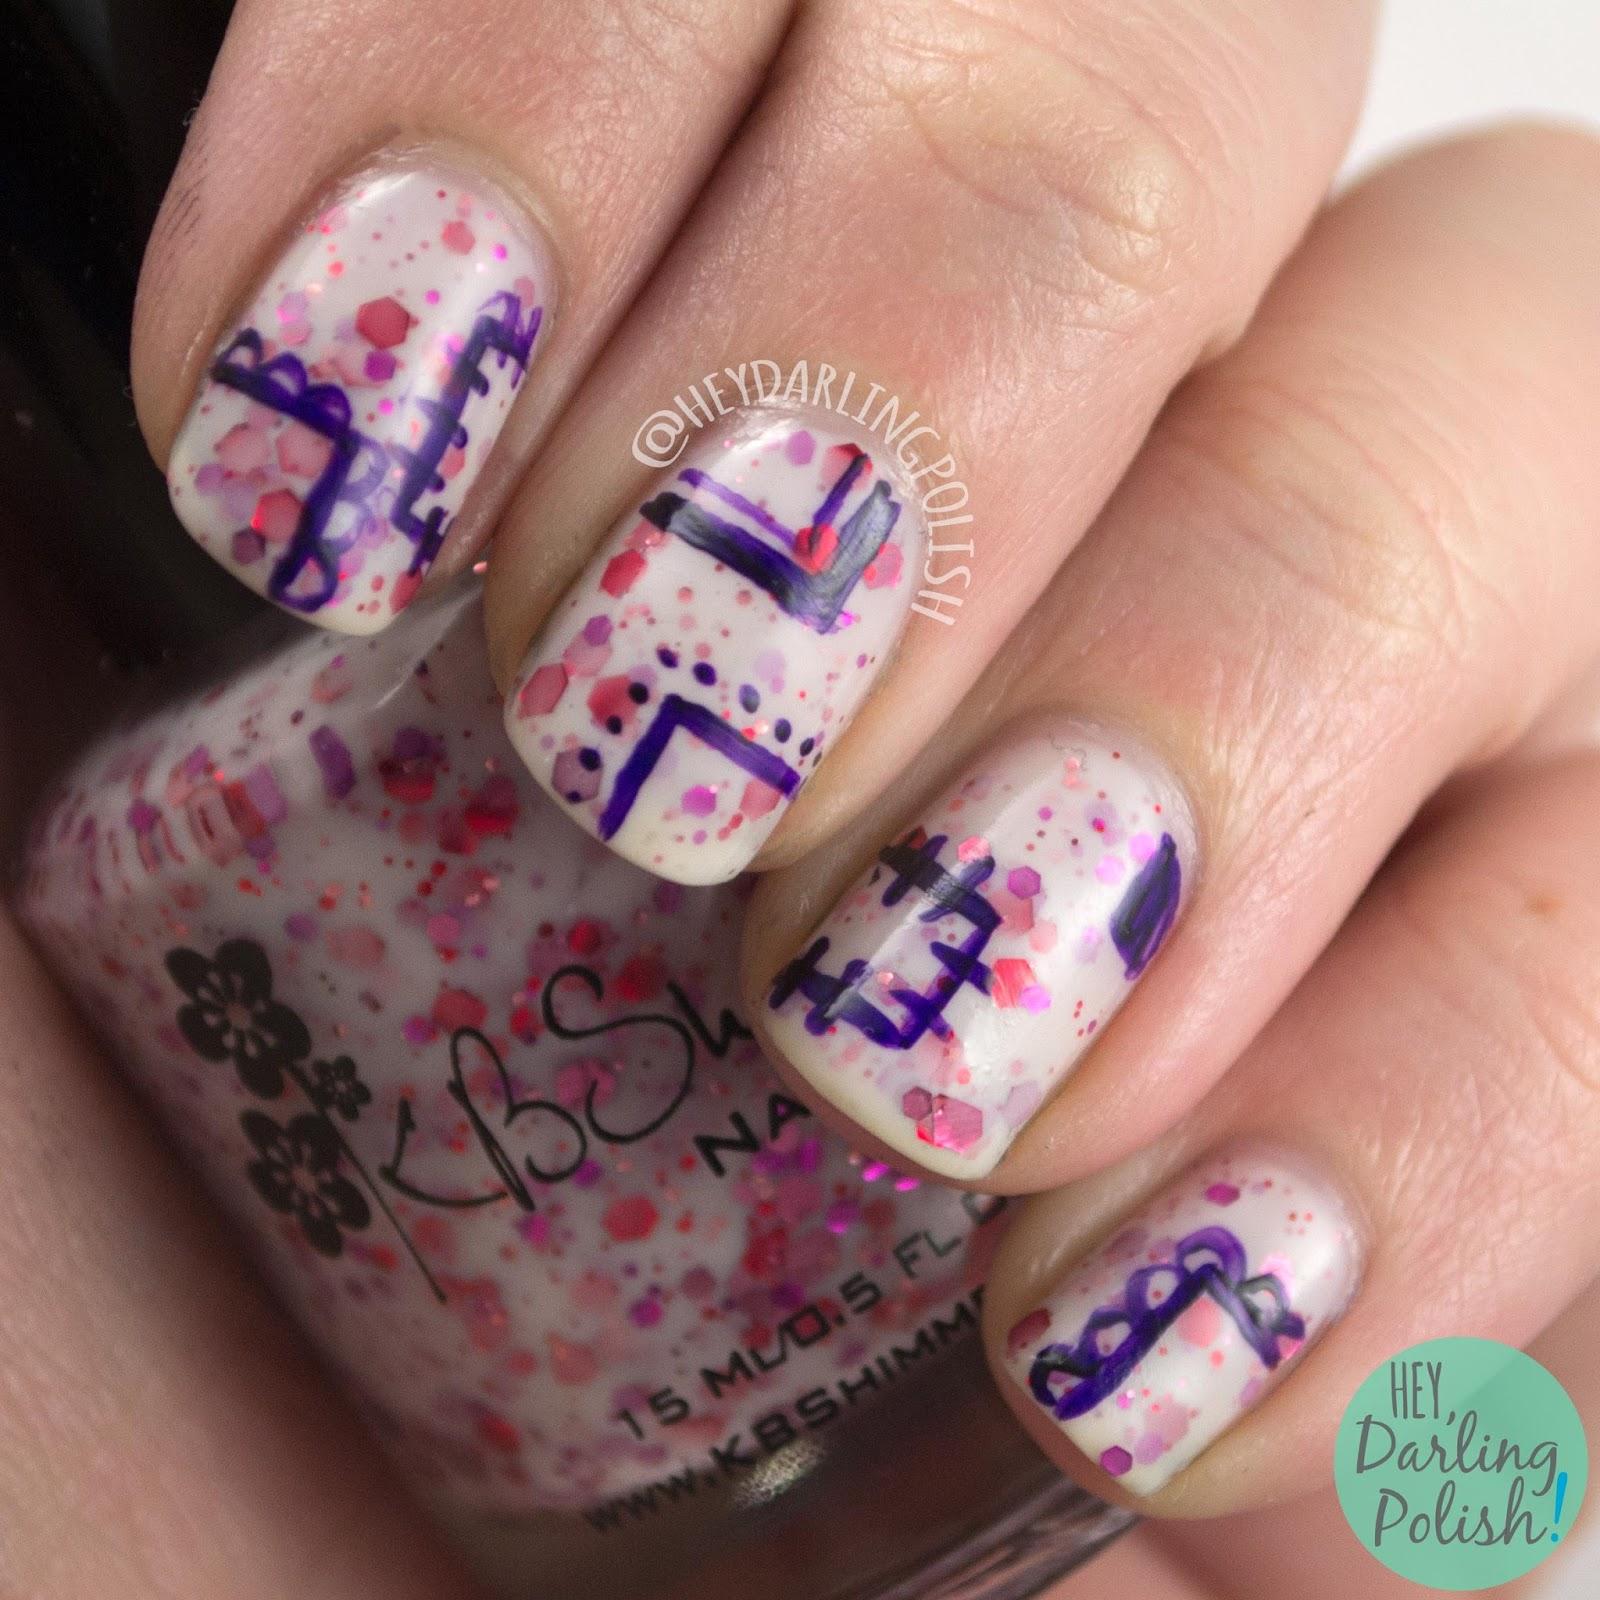 nails, nail polish, kbshimmer, pink, indie polish, hey darling polish, falling for hue, glitter crelly